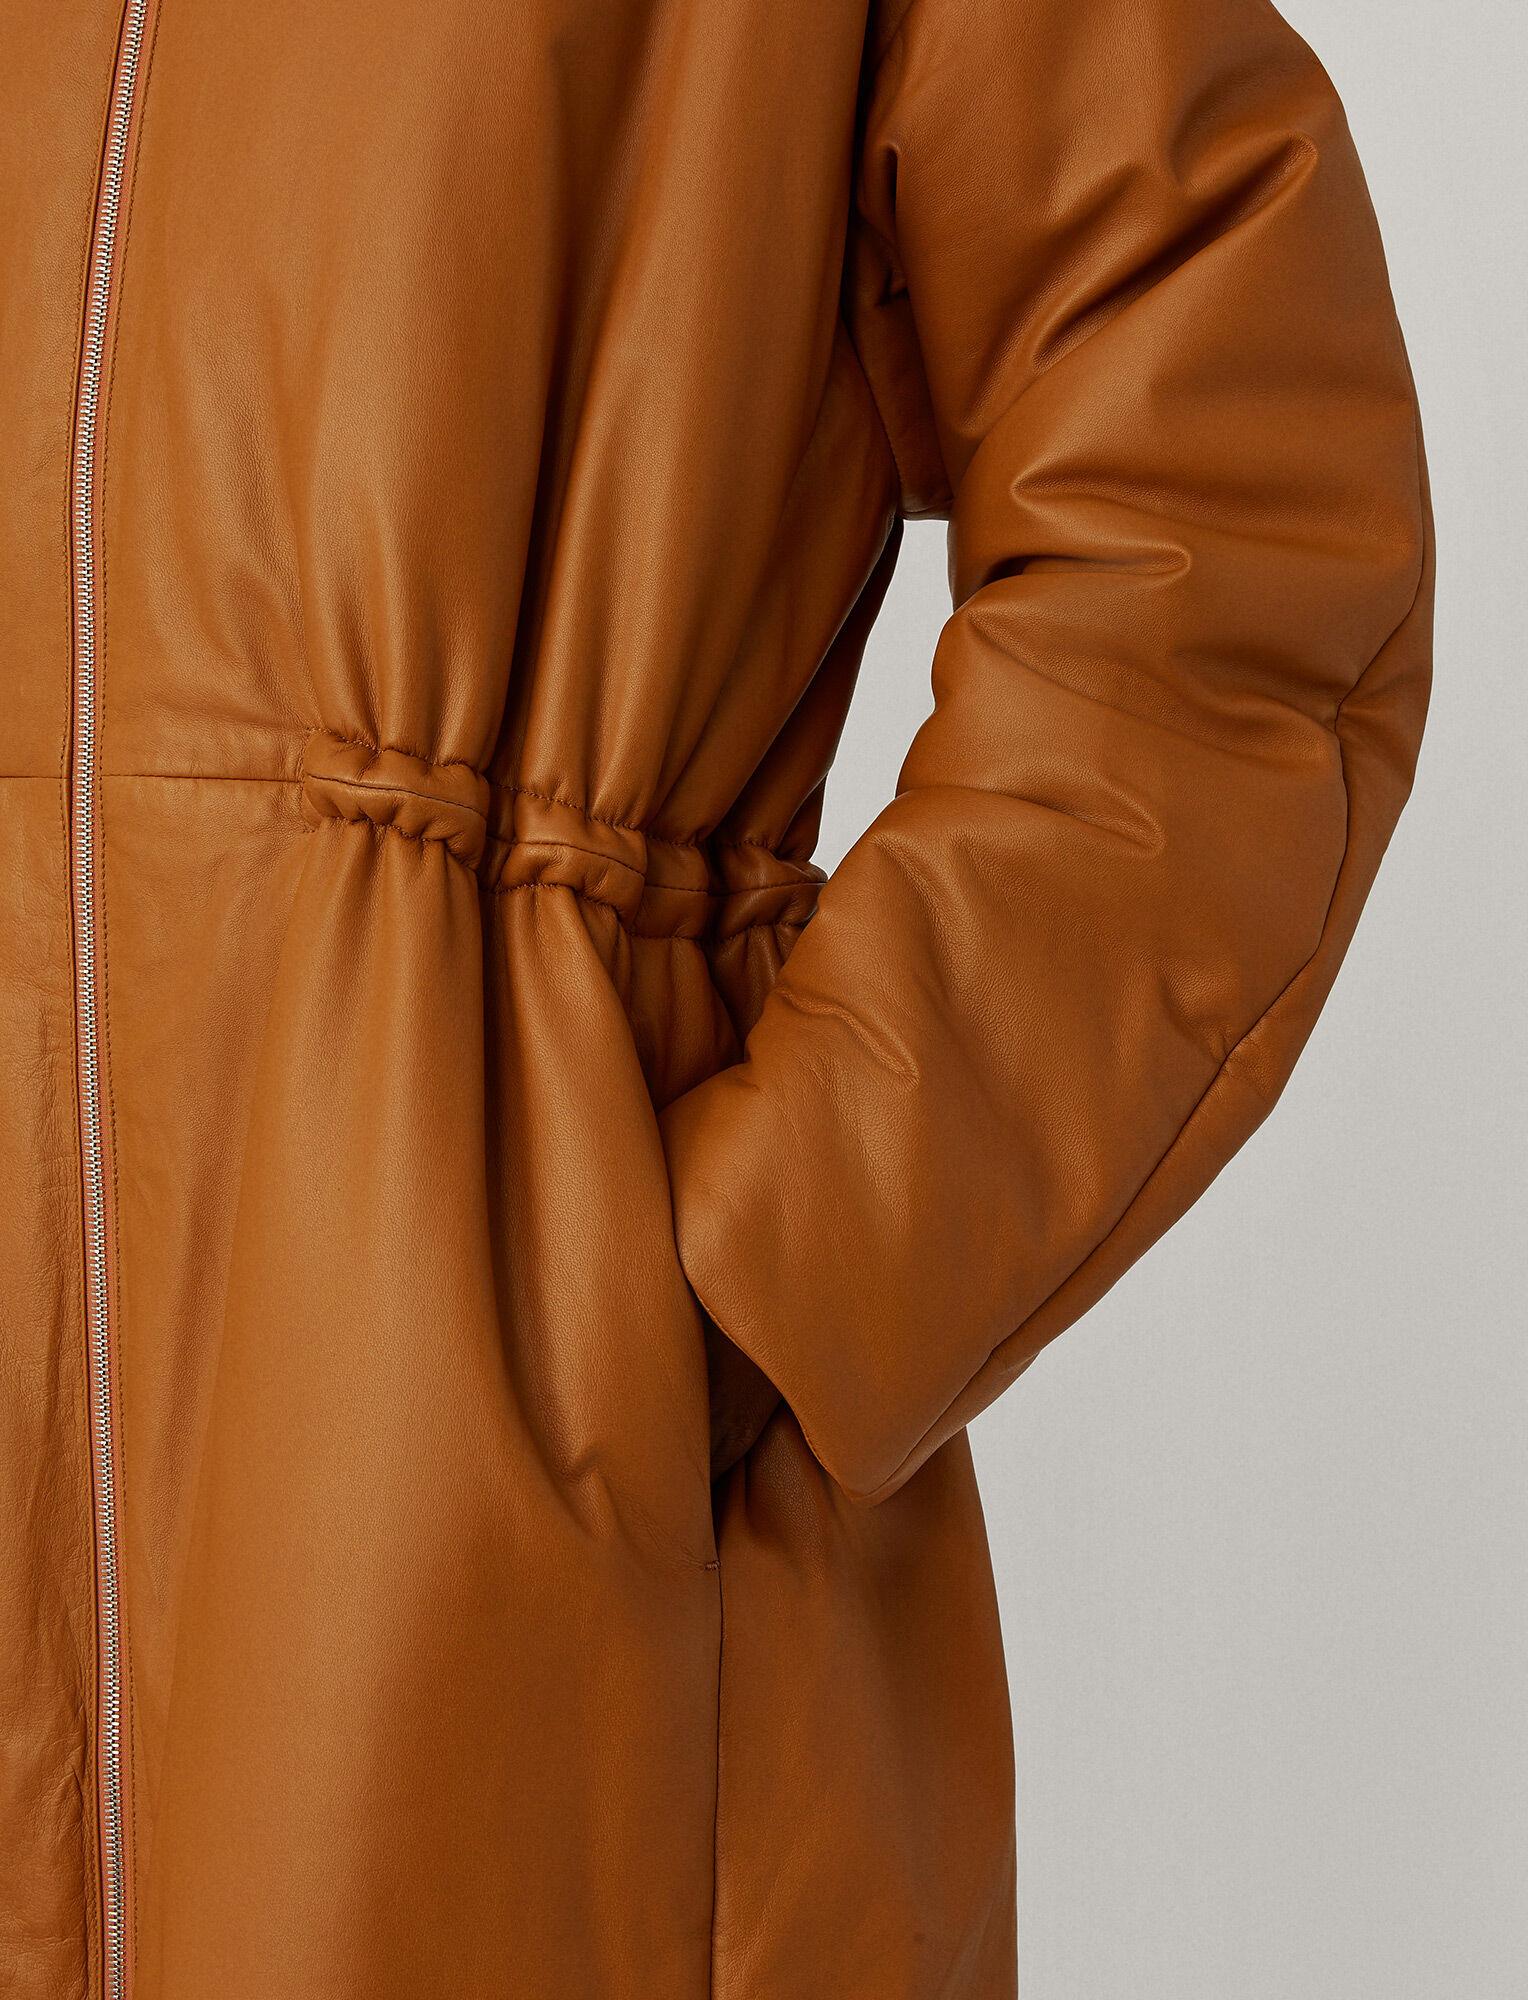 Joseph, Cocon Nappa Leather Coat, in Camel